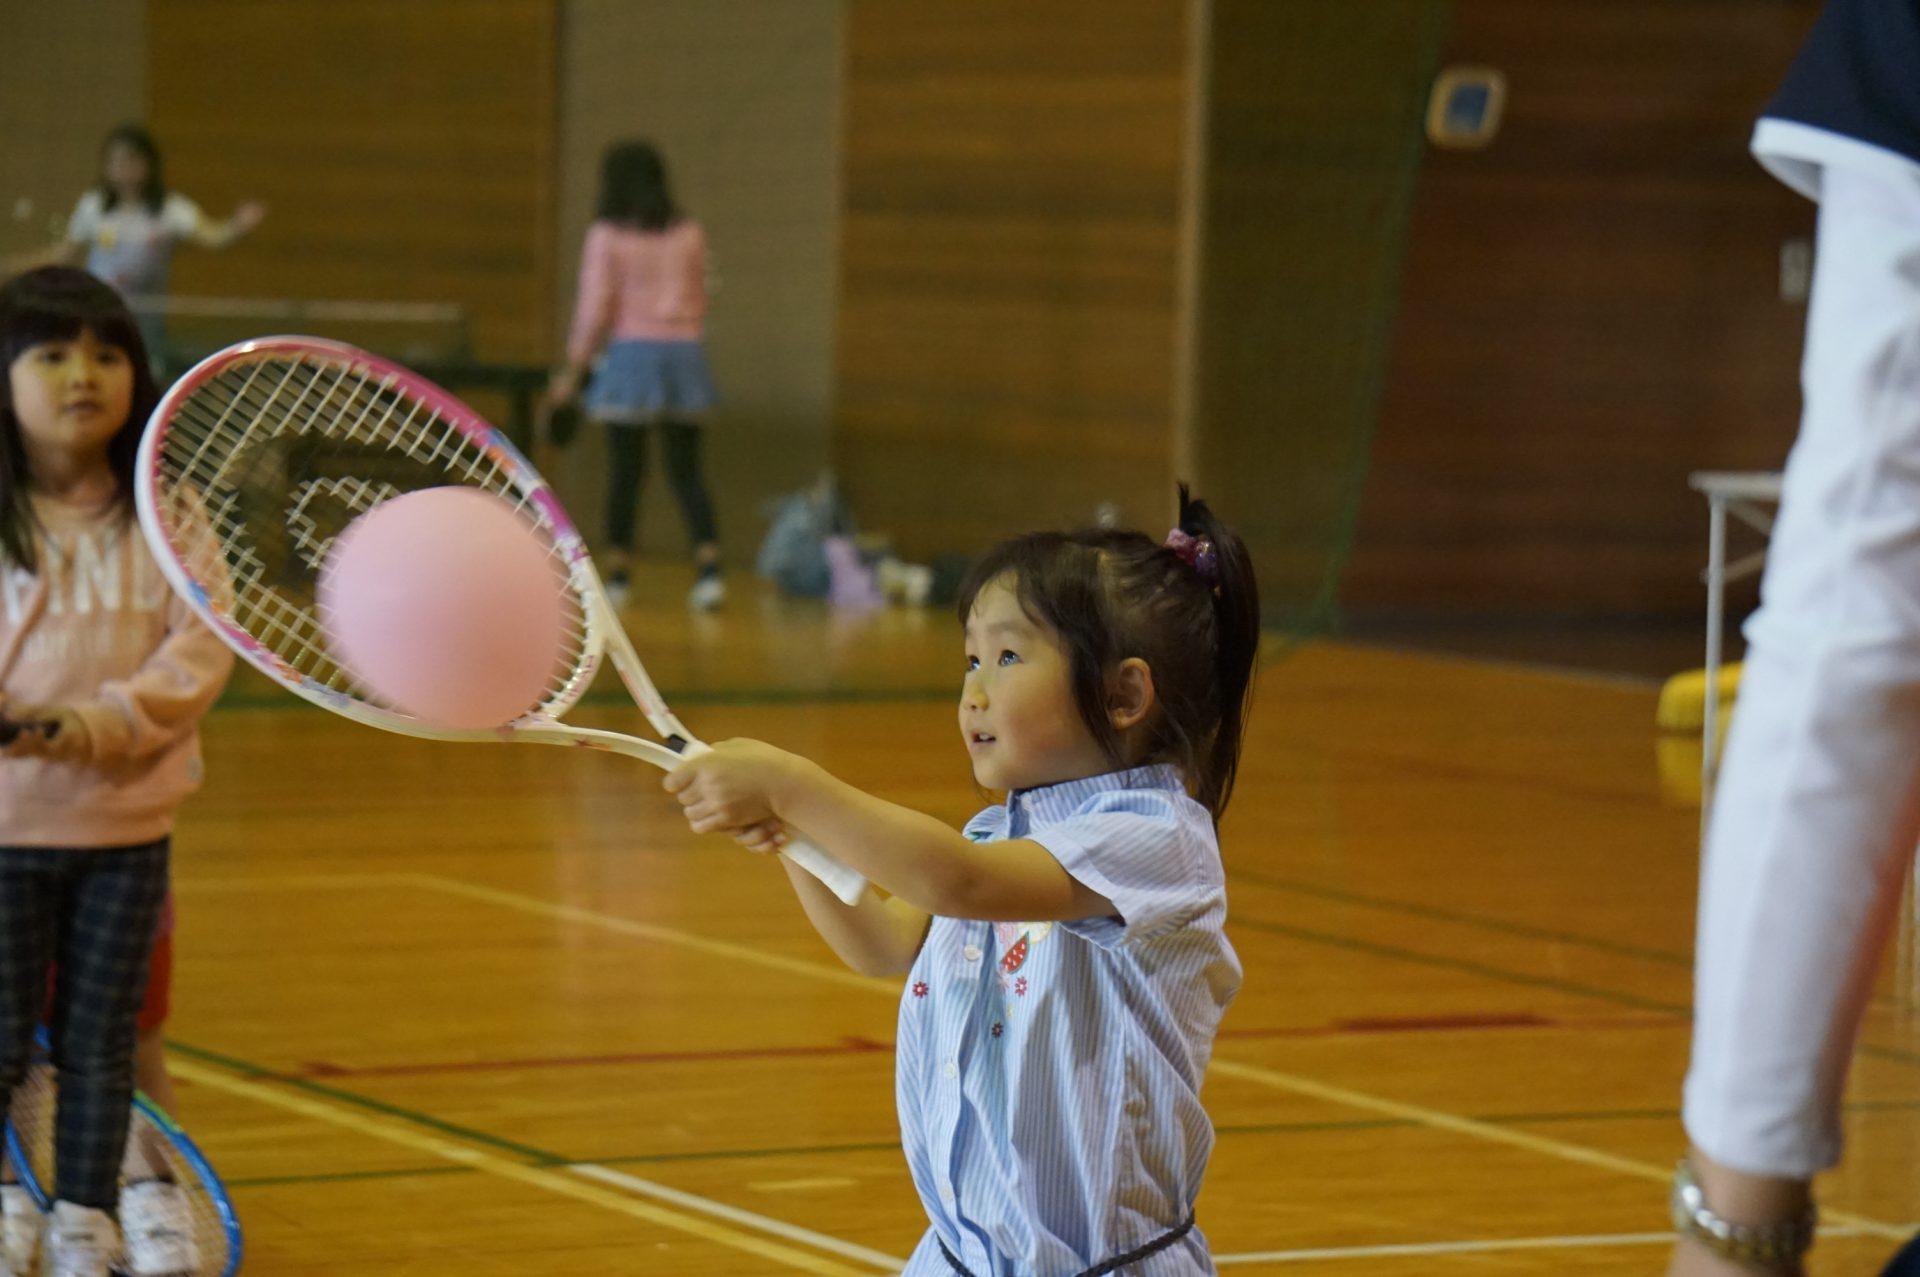 10月31日(水曜日) キッズテニス参加者募集案内